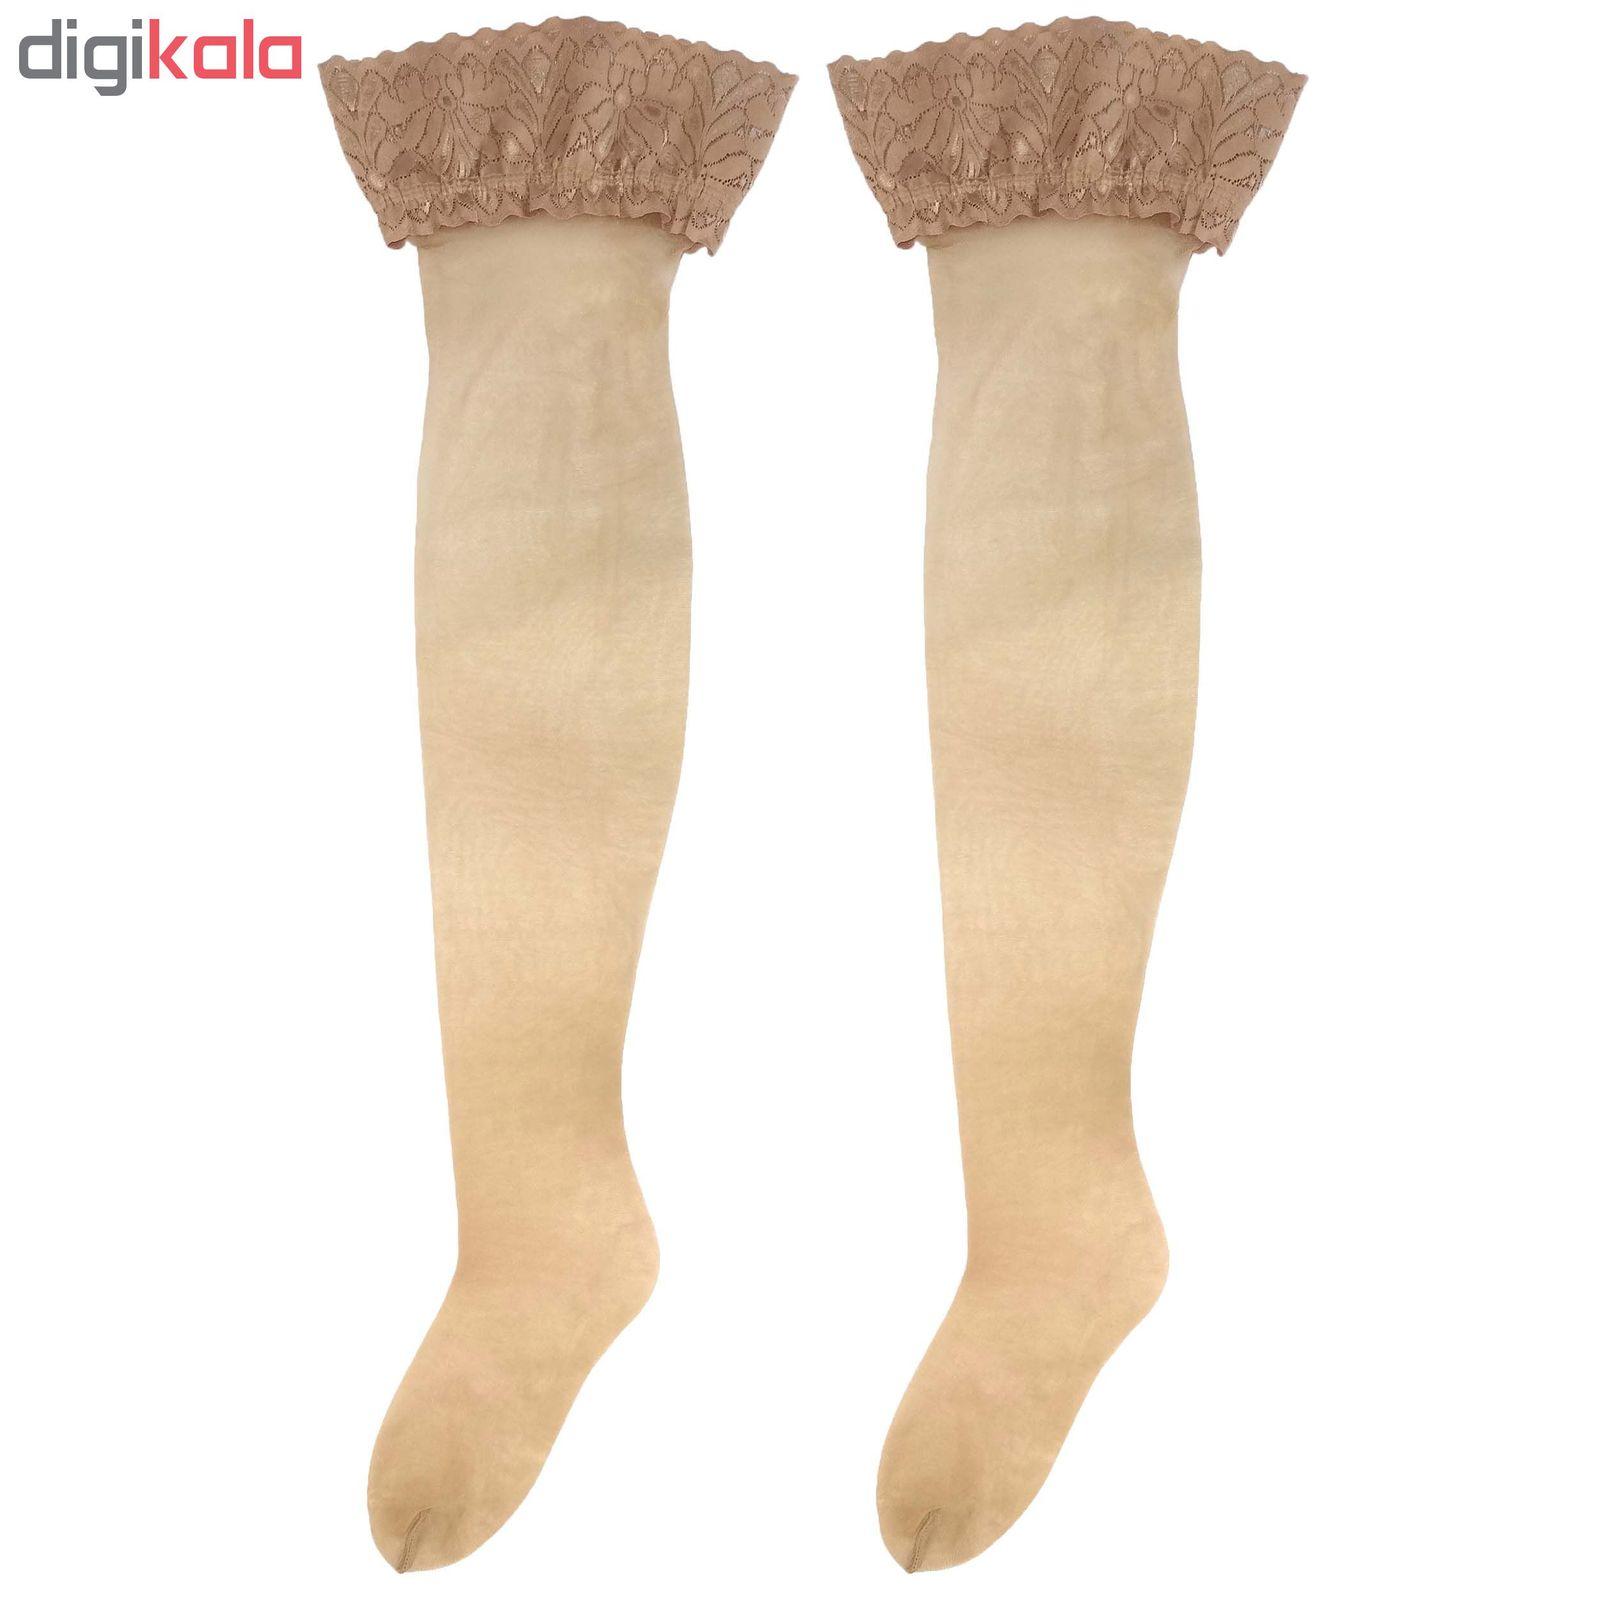 جوراب بلند زنانه مدل تور ژل دار کد cregl main 1 1